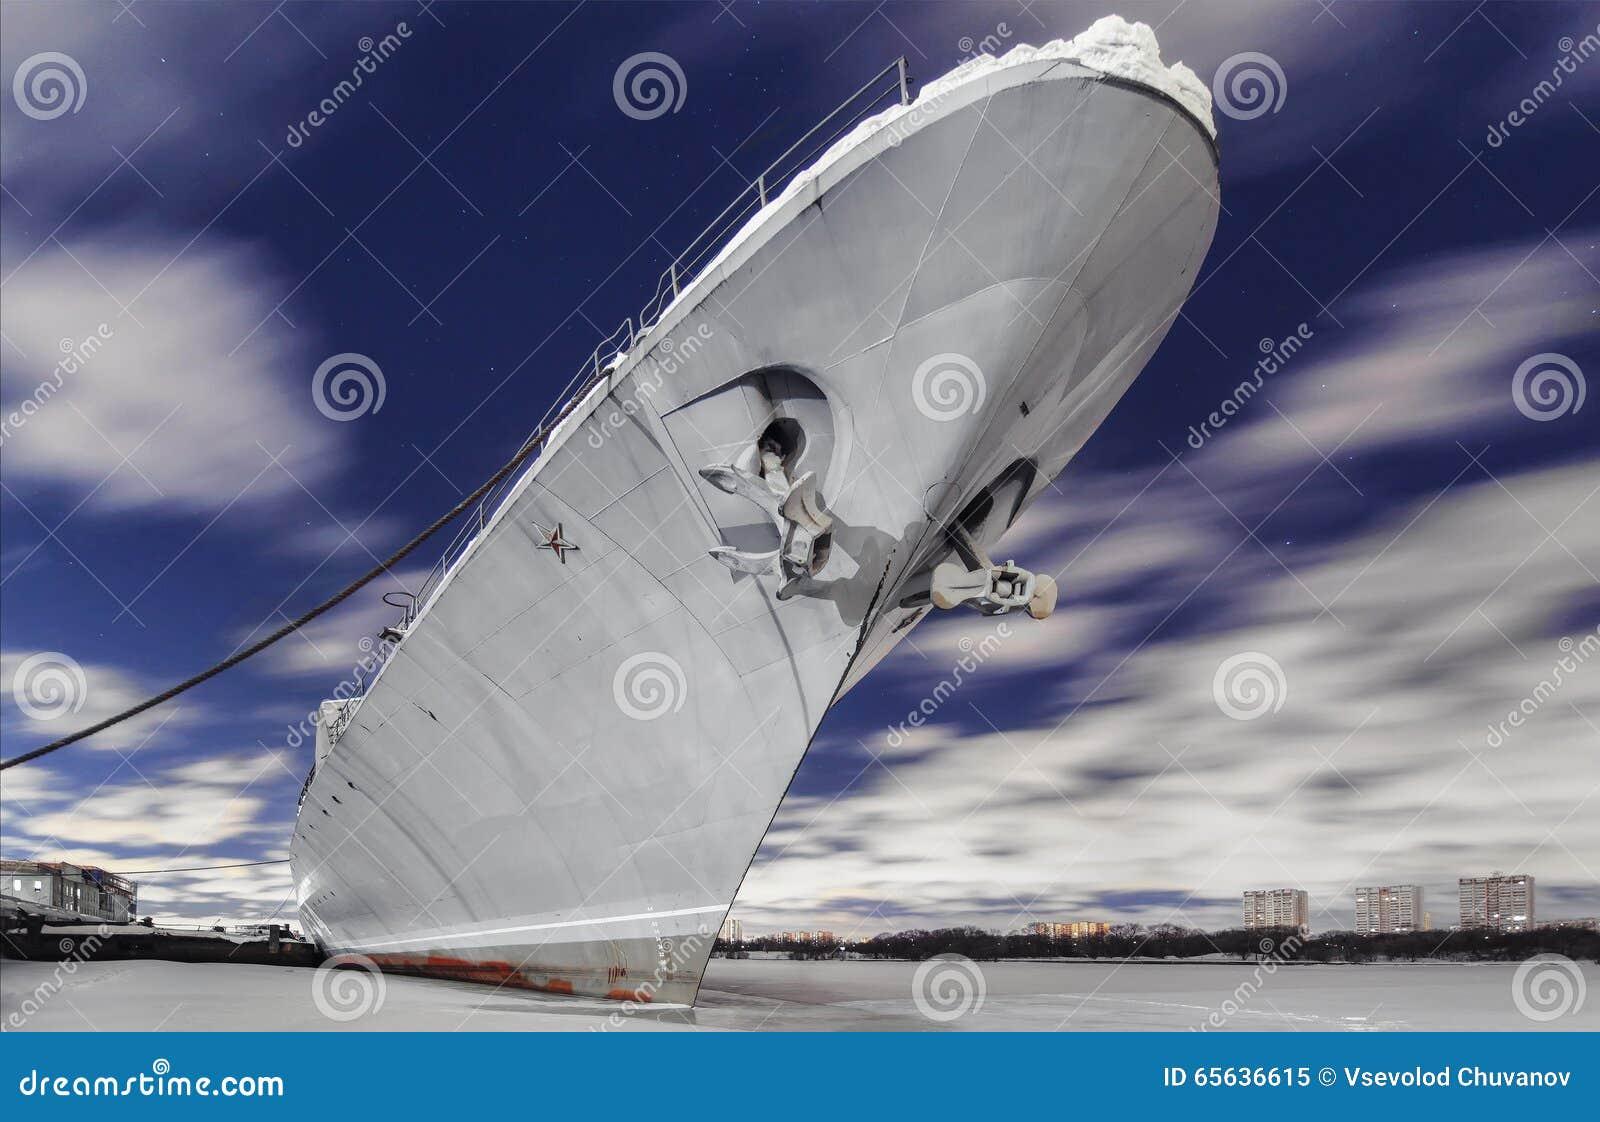 Le navire de guerre russe est amarré sur une rivière congelée la nuit